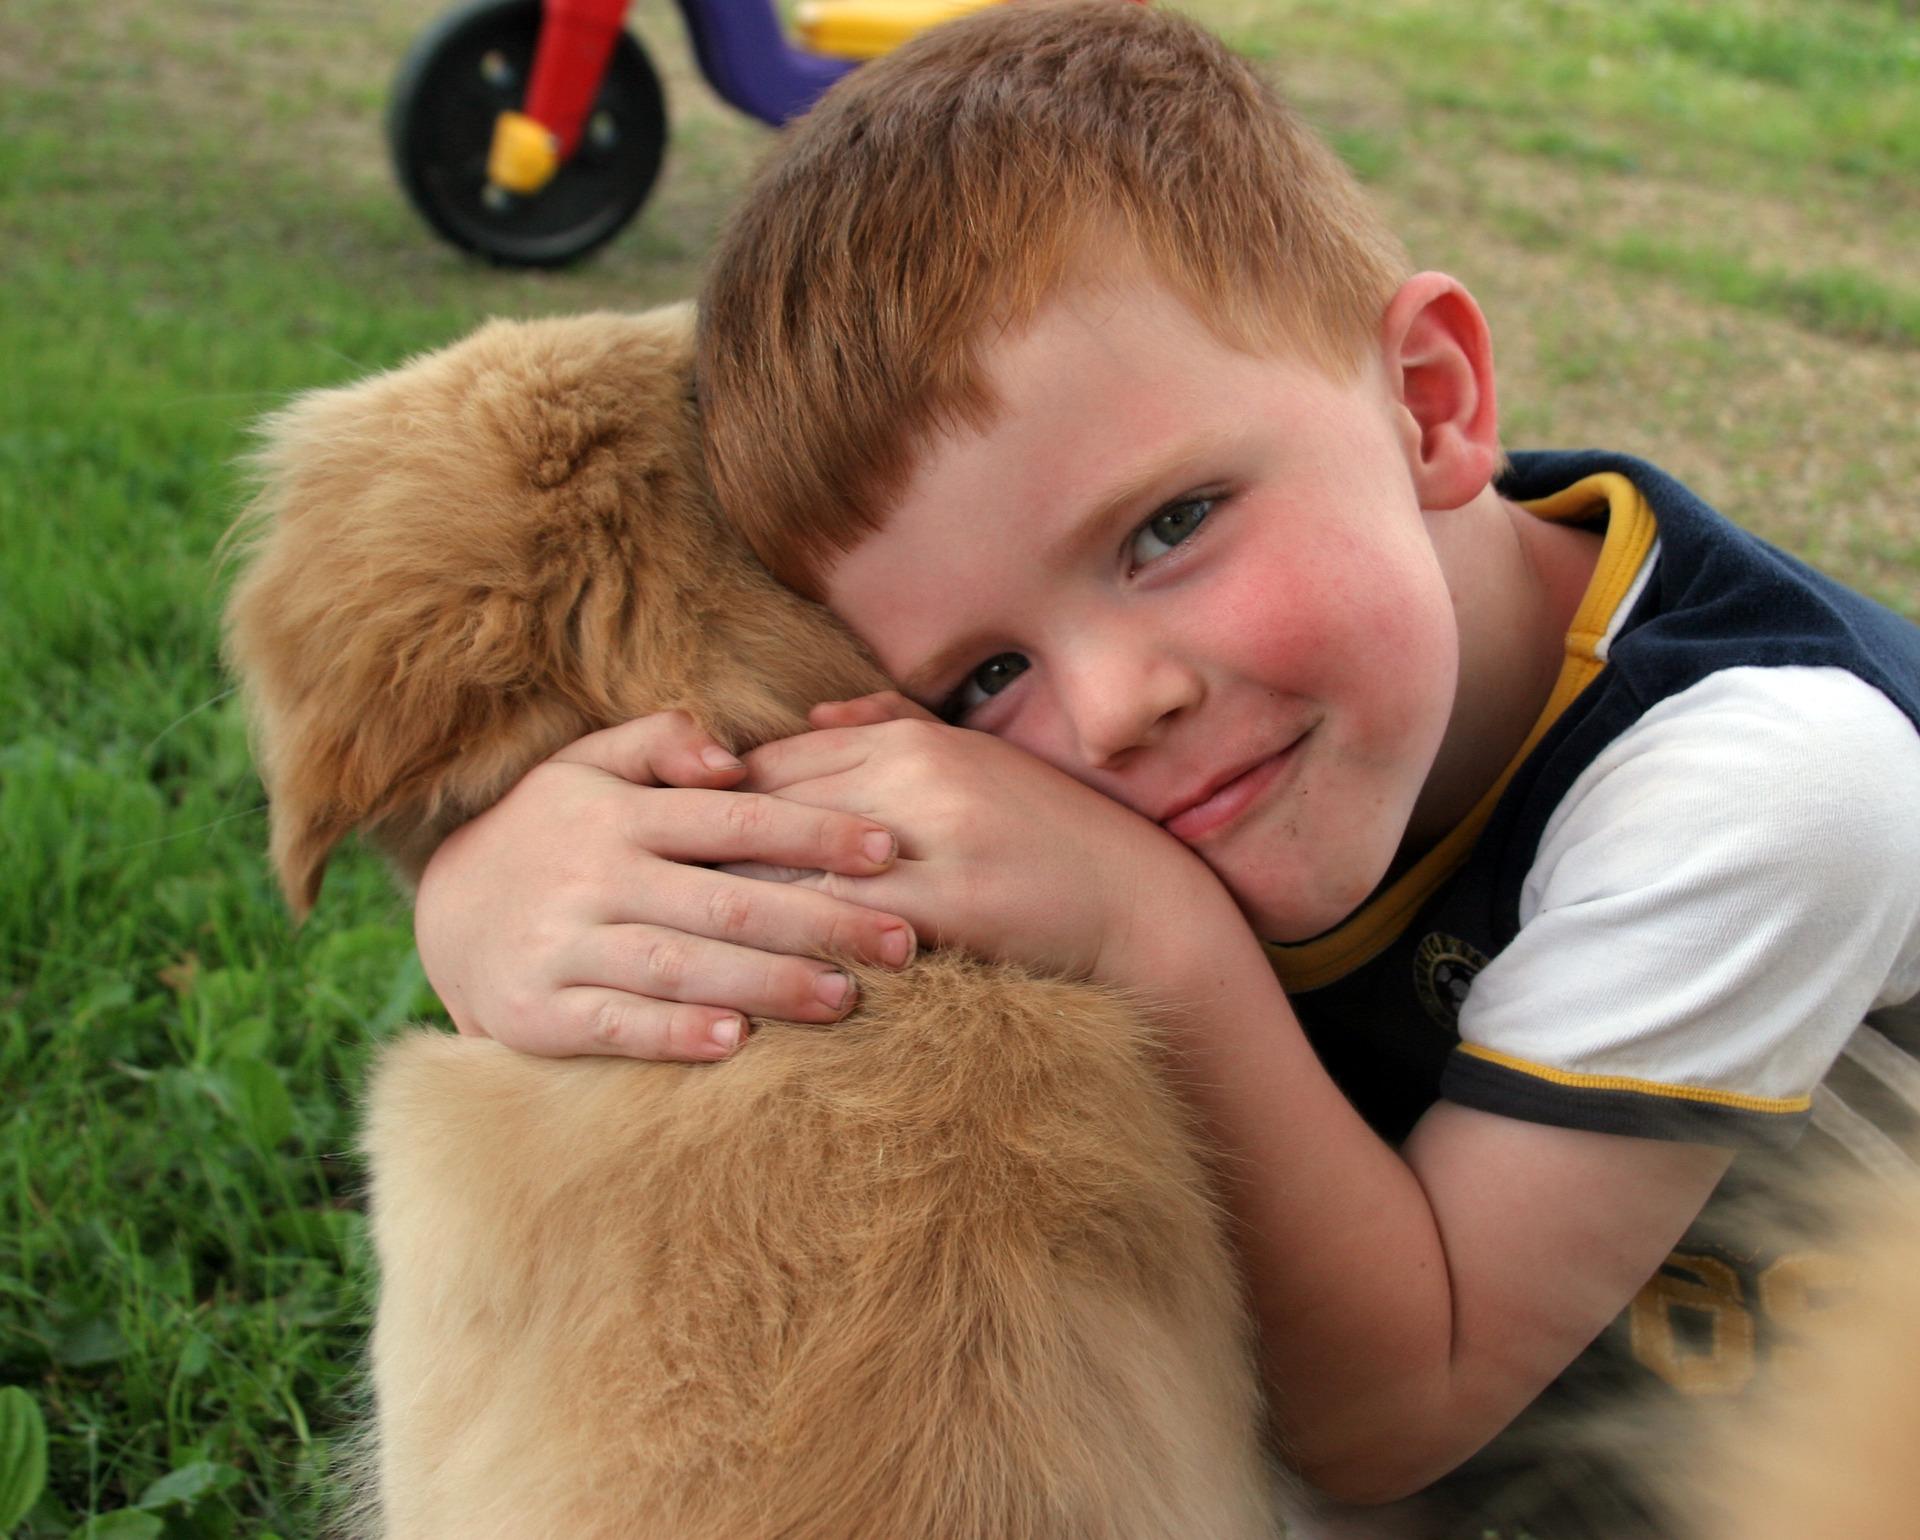 L'amore di cani e gatti è sempre incondizionato